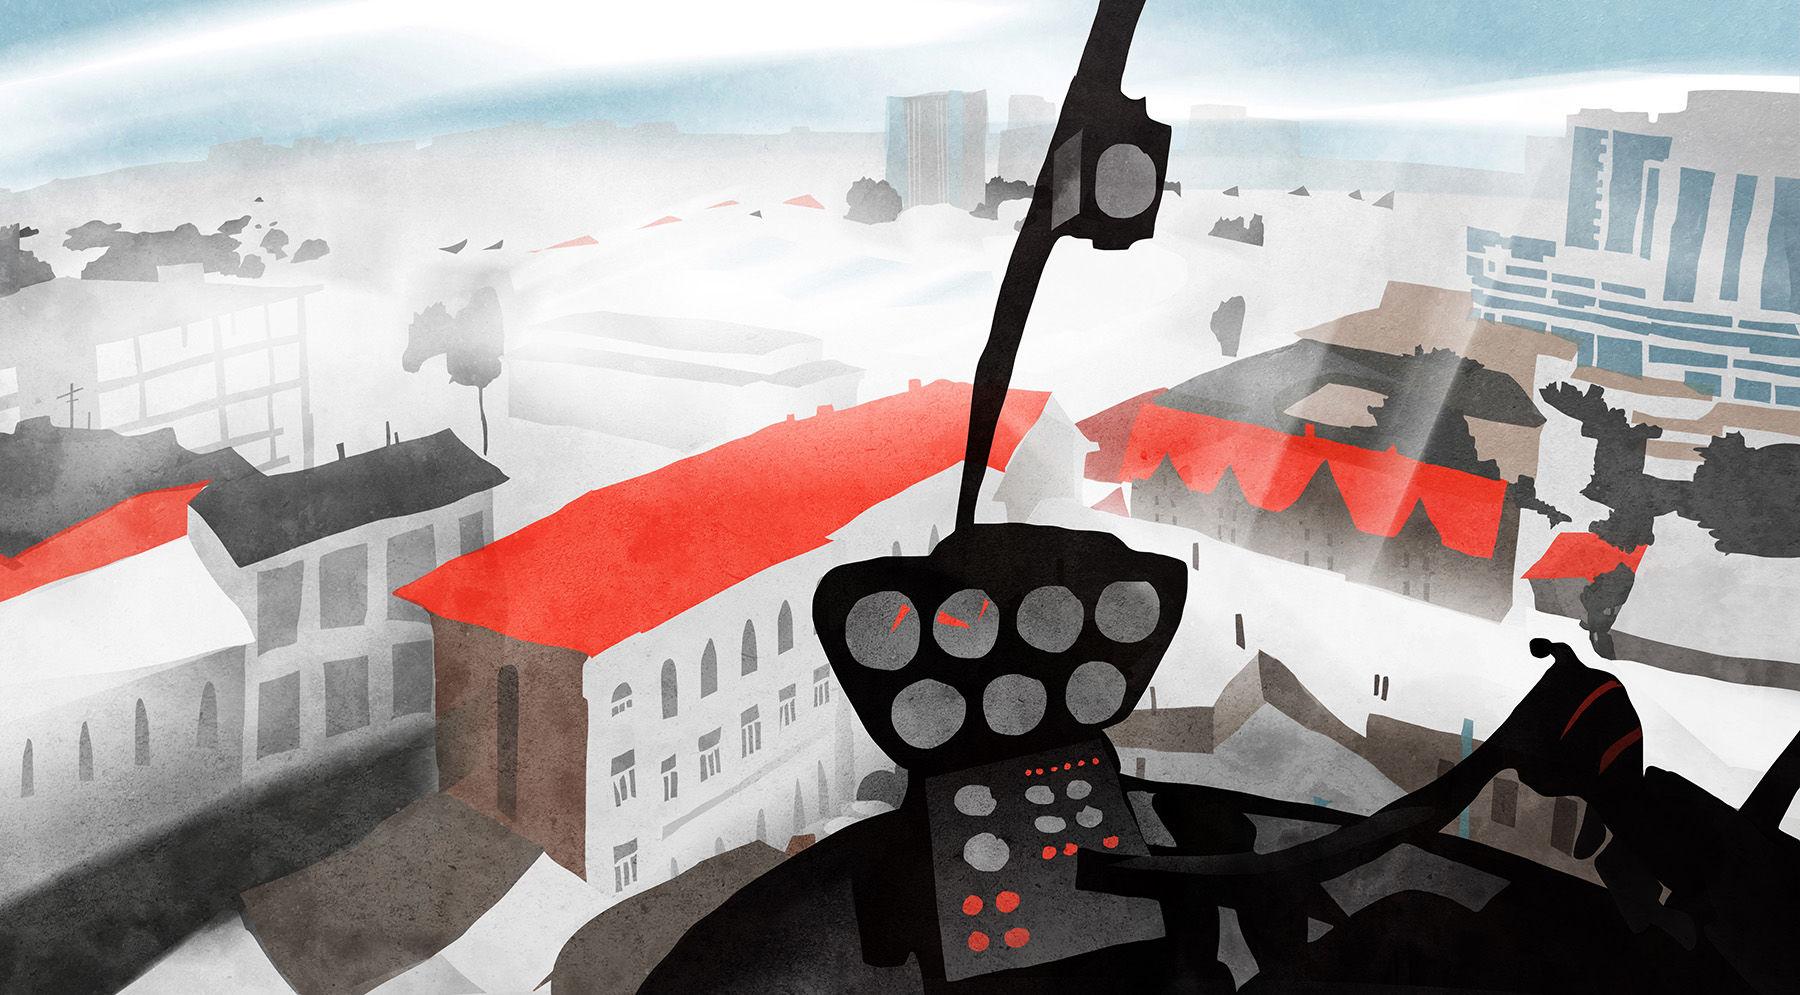 Небоскреб с вертолетной площадкой на крыше ©Иллюстрация Екатерины Ситниченко